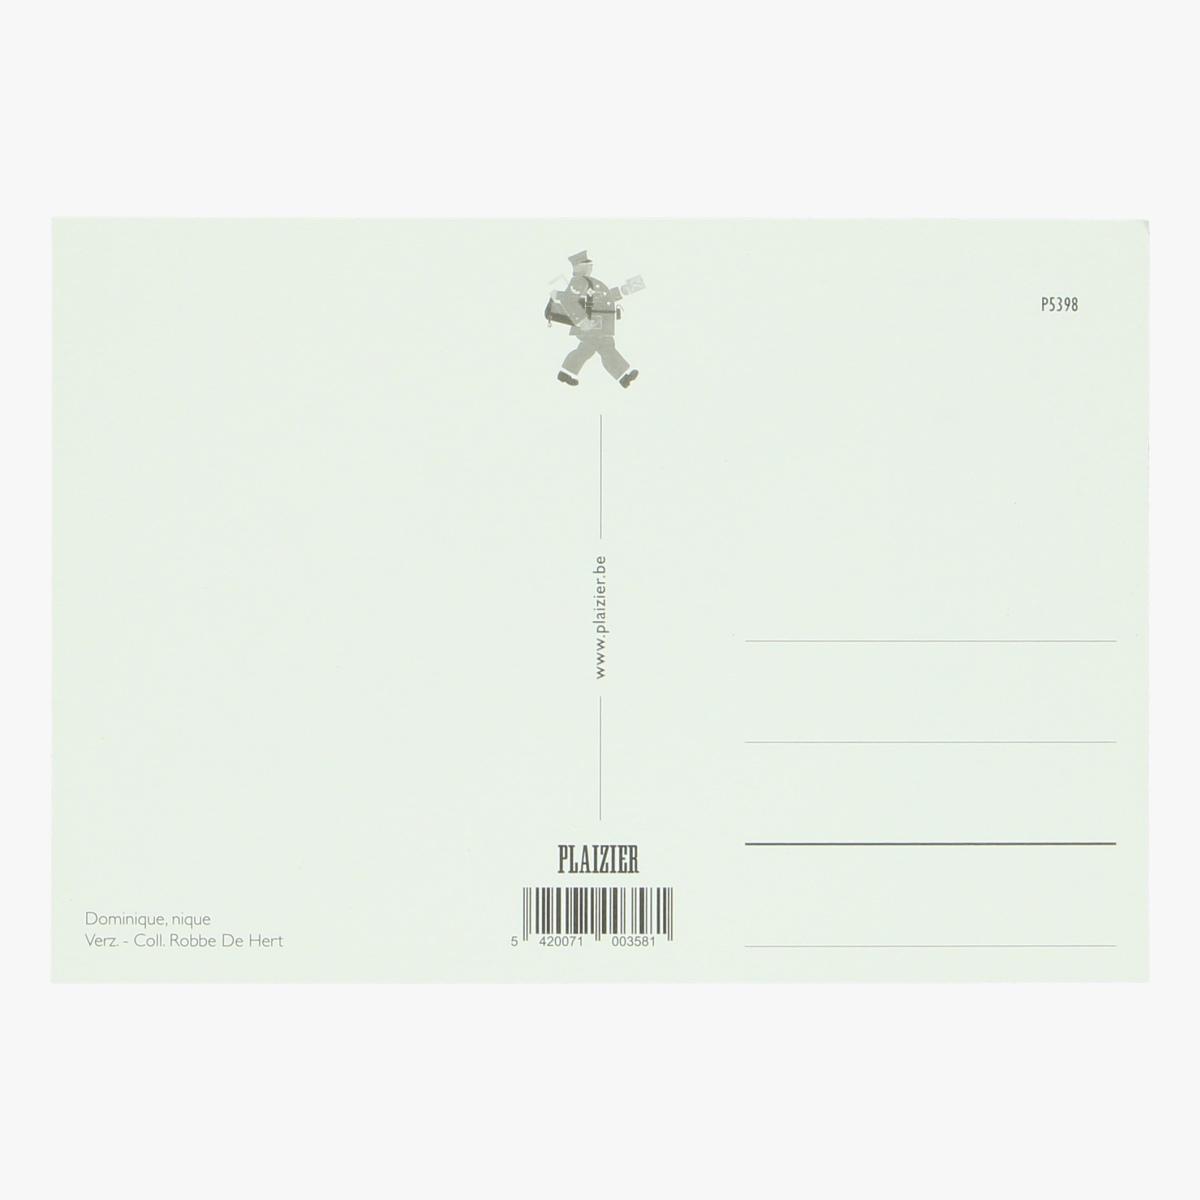 Afbeeldingen van postkaart dominique nique